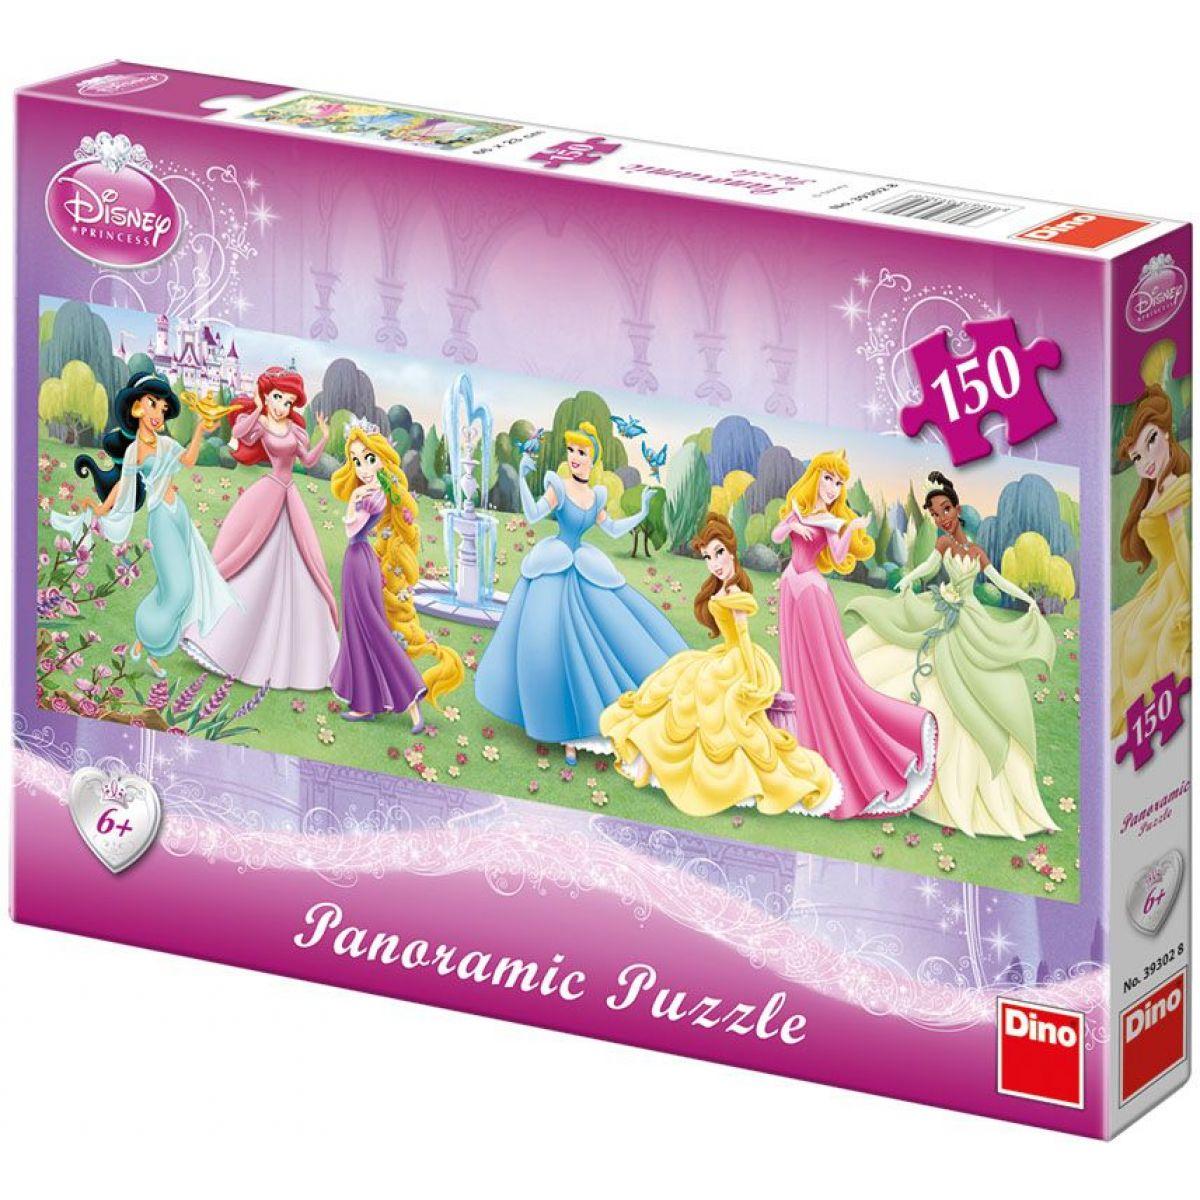 Dino Puzzle Panoramic Princezny 150d